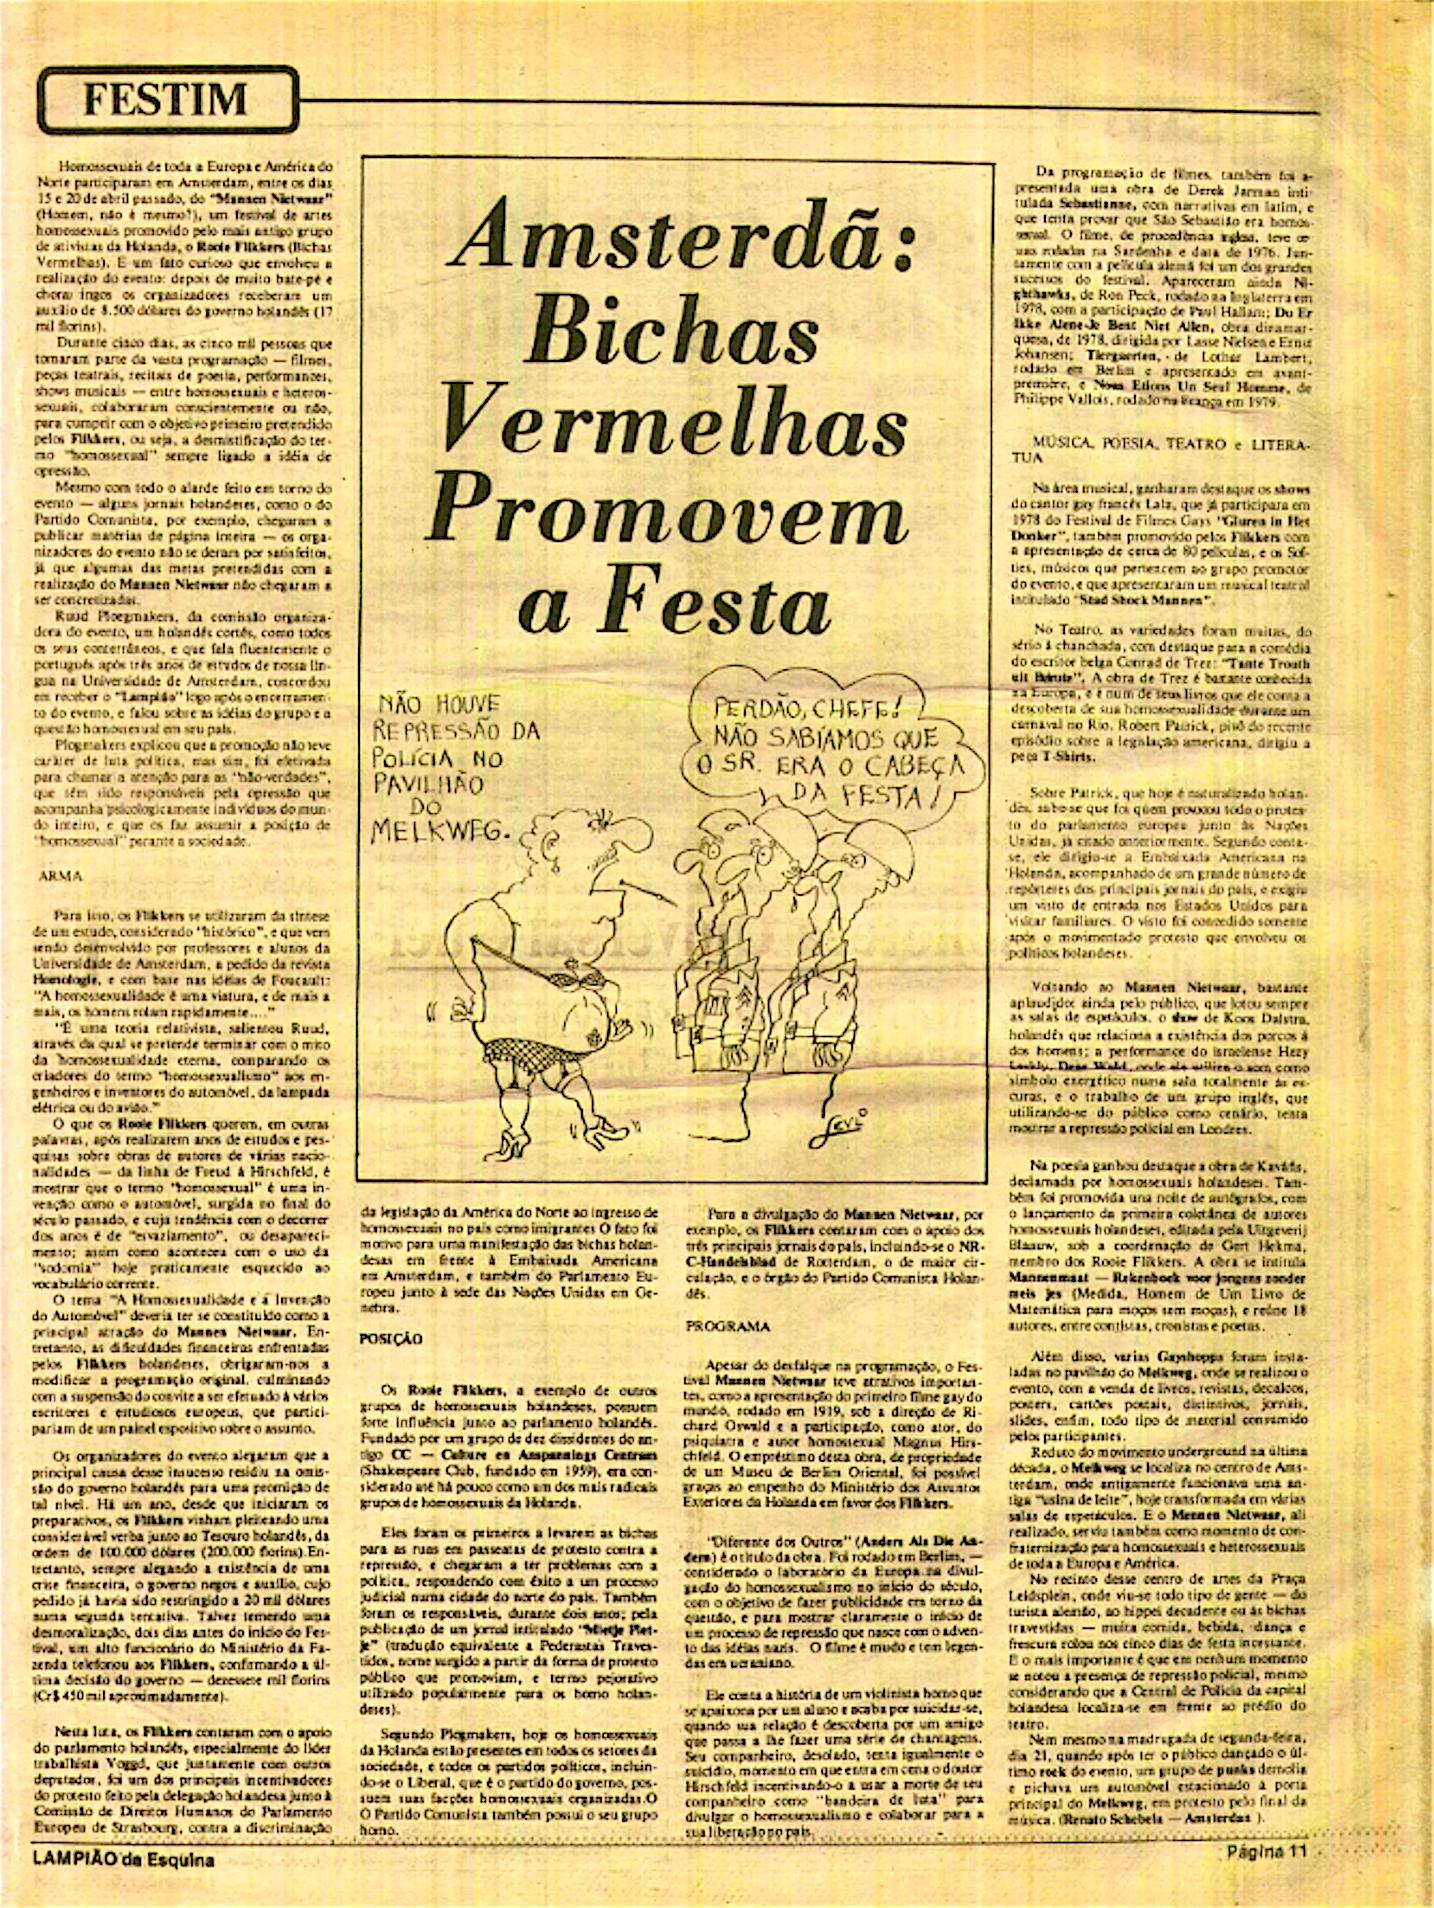 LAMPIÃO da Esquina, 1 december 1979, p. 11